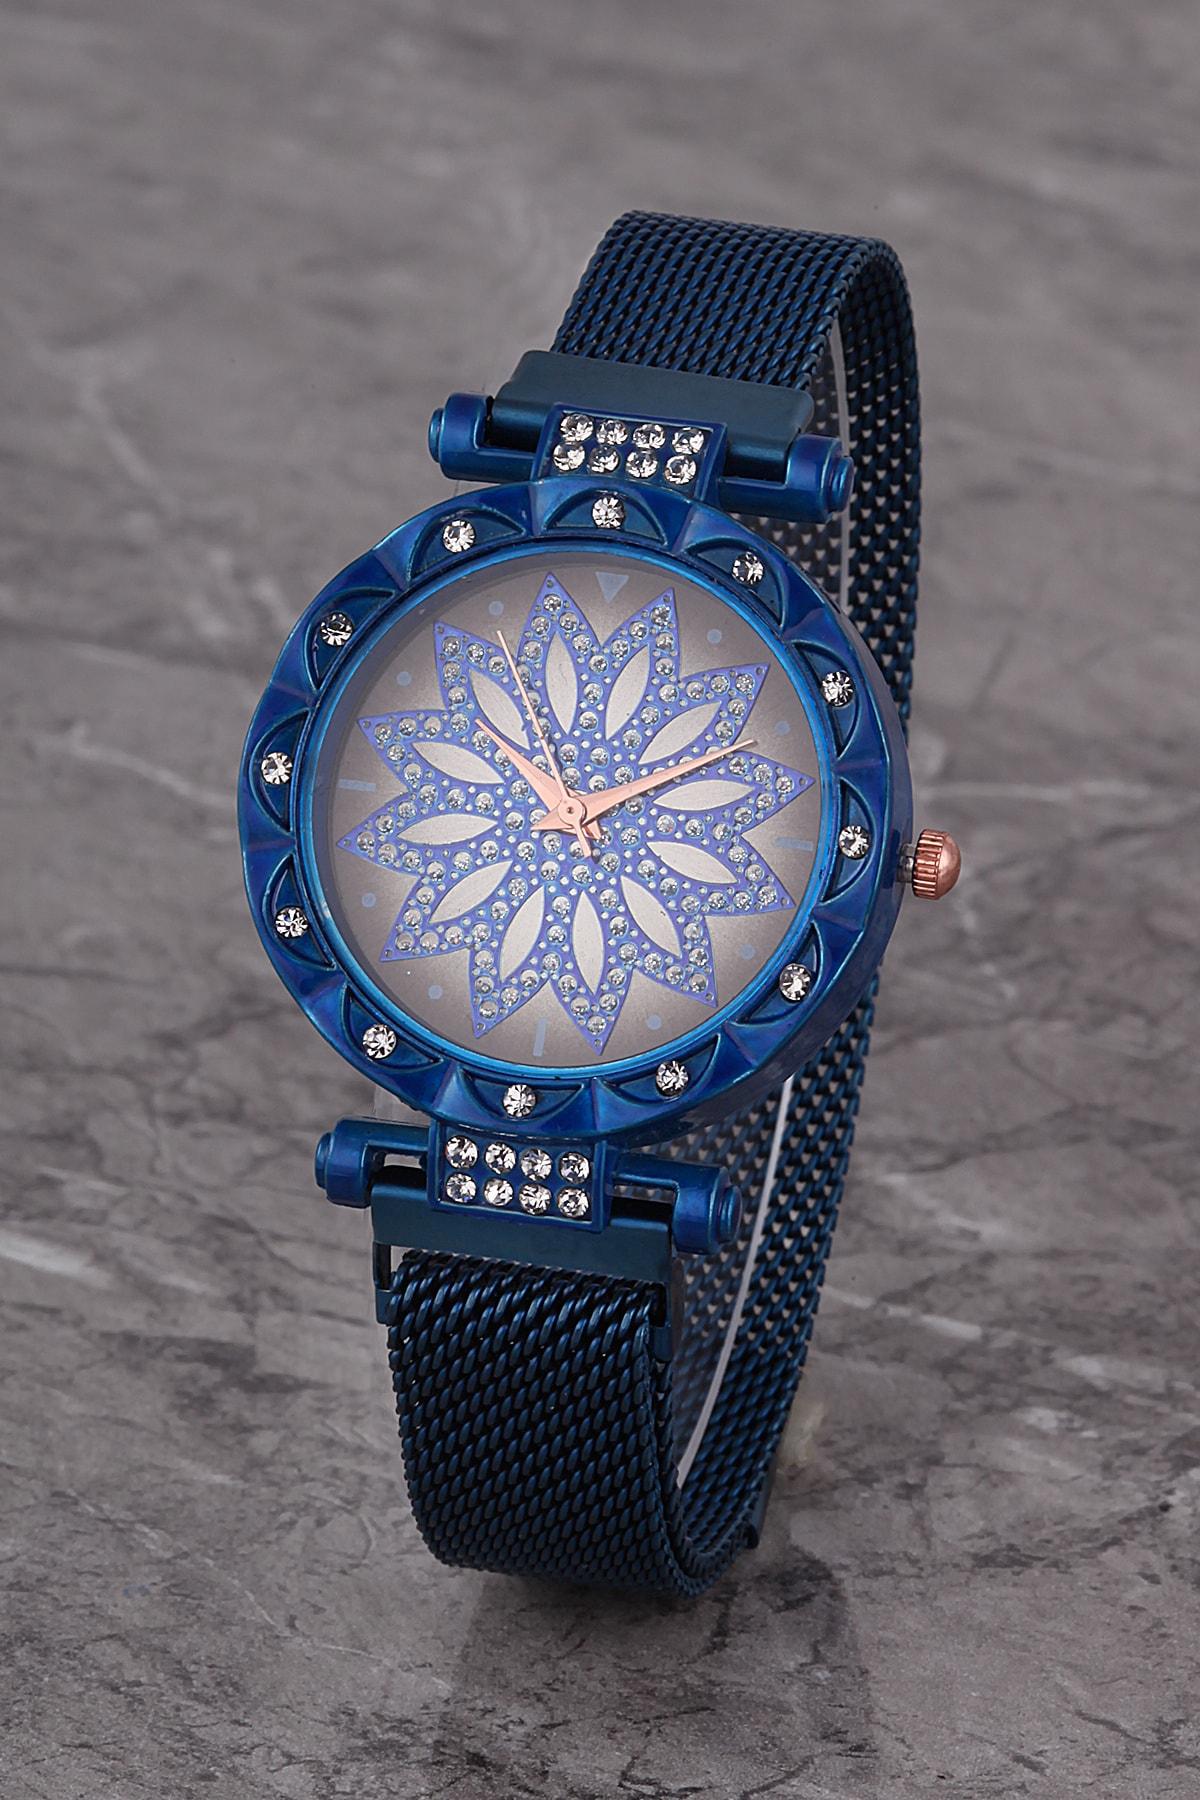 Polo55 Plkhm015r02 Kadın Saat Lacivert Taşlı Çiçekli Şık Kadran Mıknatıslı Hasır Kordon 1